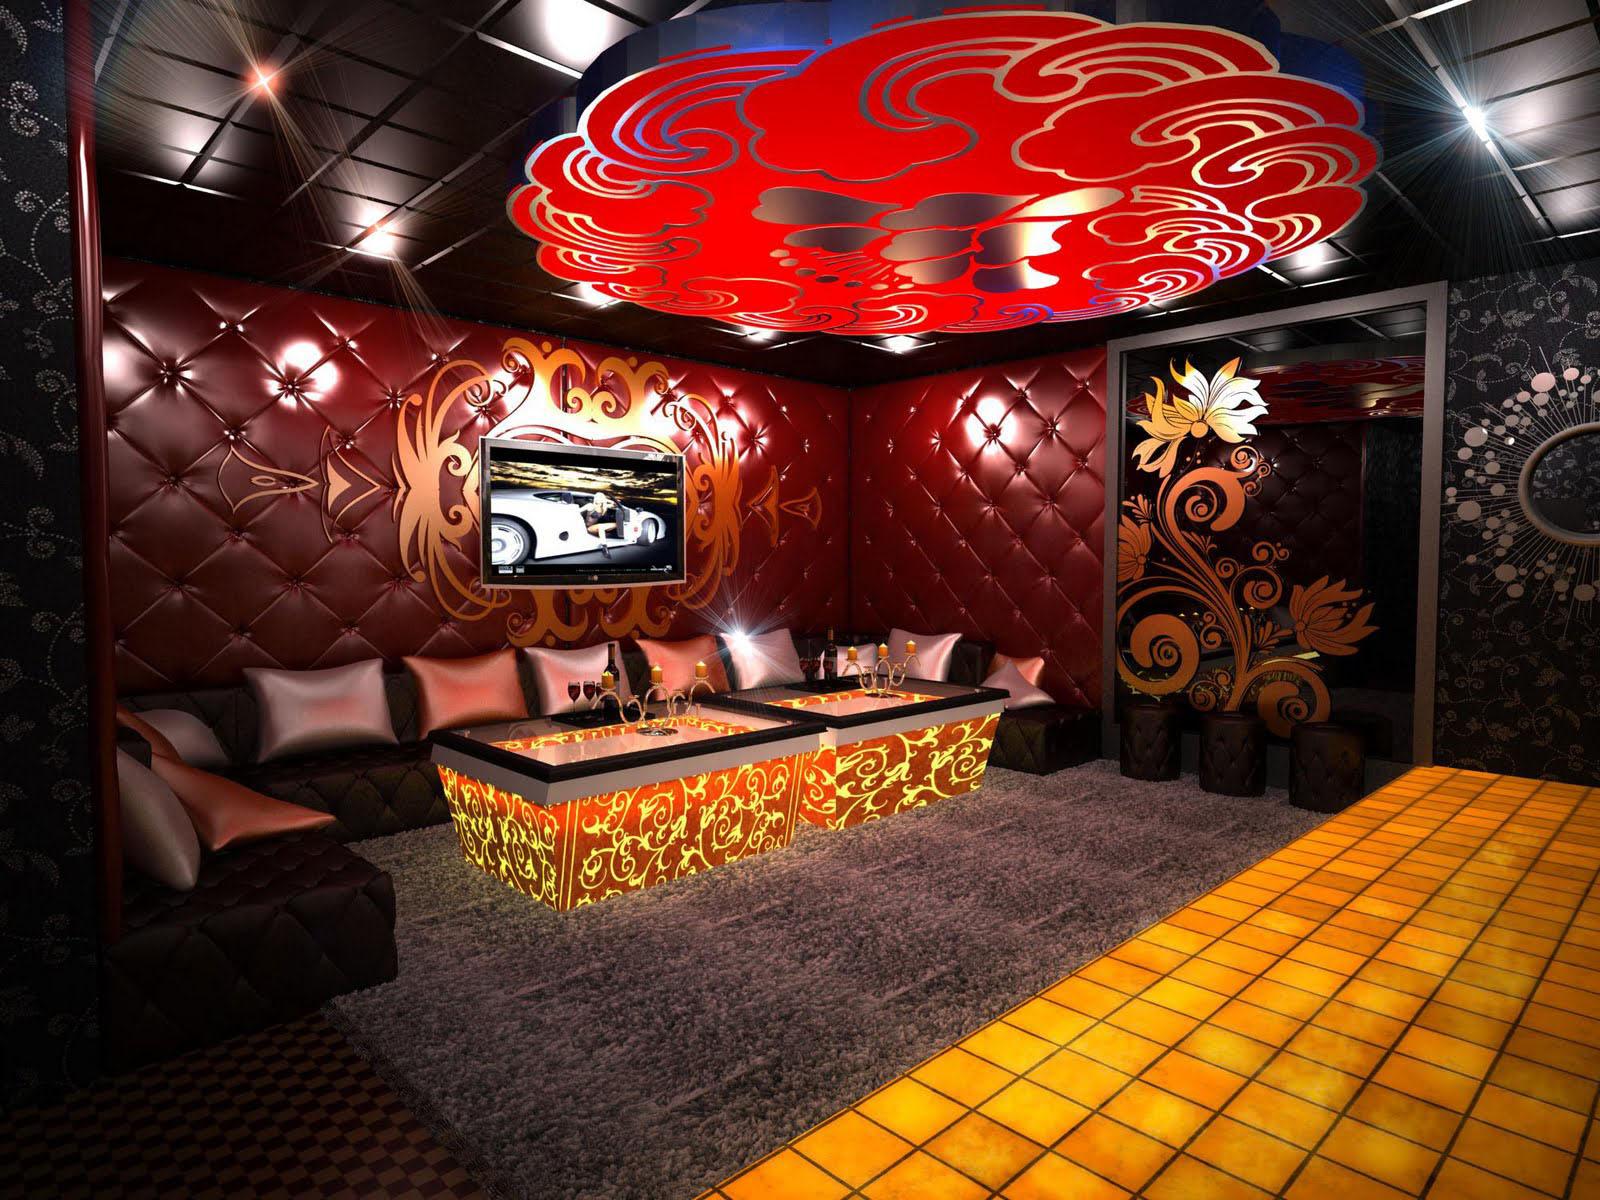 Thiết kế quán karaoke đẹp hiện đại